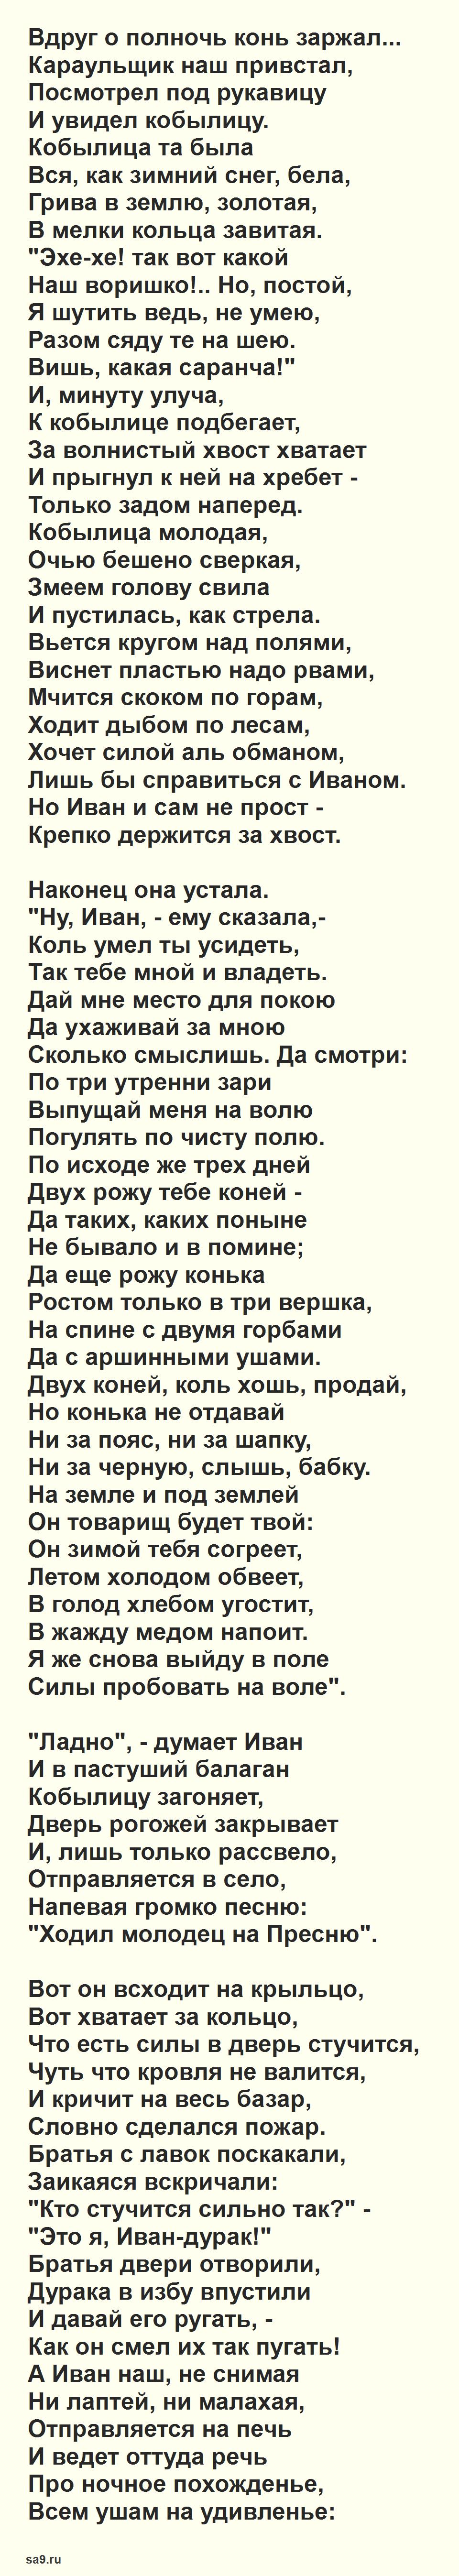 Читаем 'Конек-Горбунок'